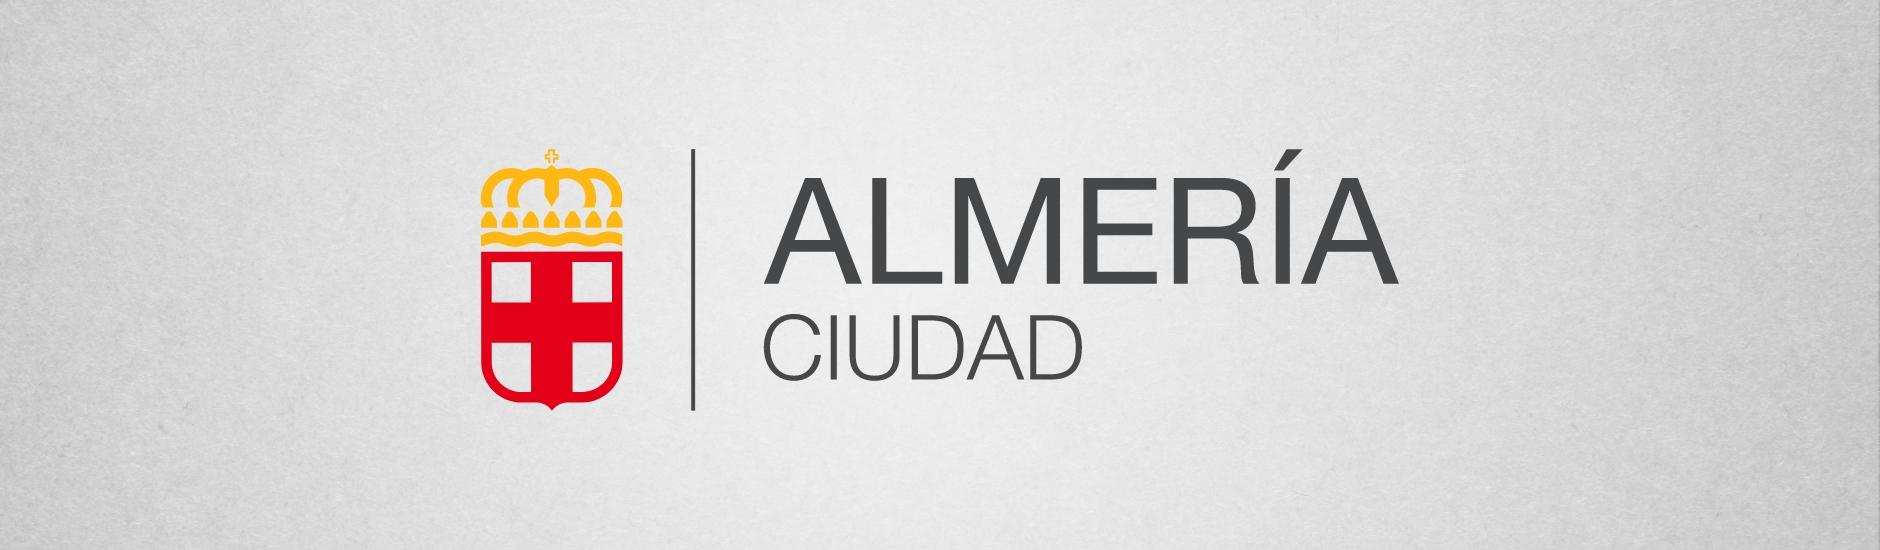 Logotipo Almeria Ciudad